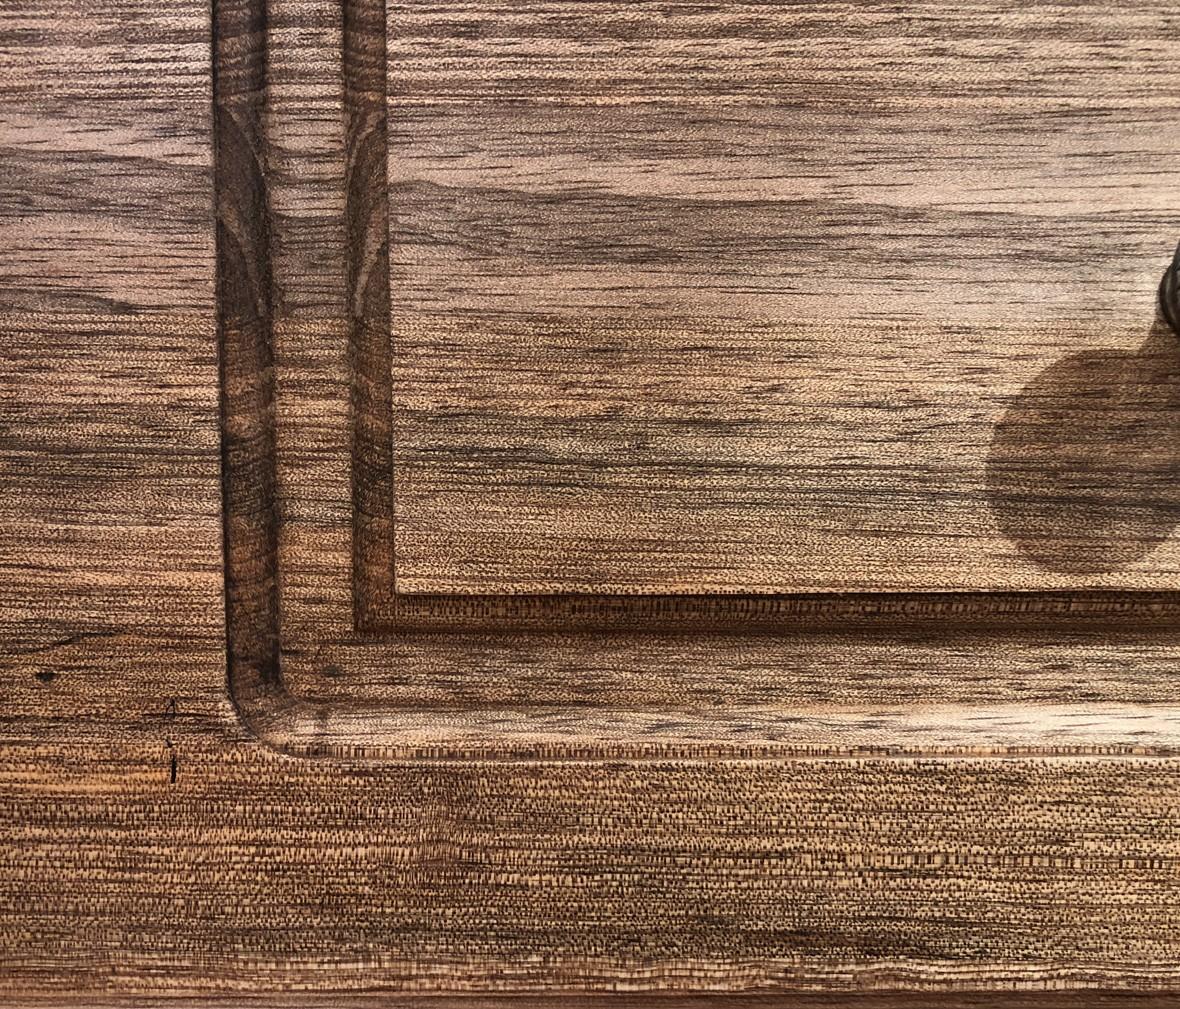 洛可小城 时尚贵族系列 3K03-A型号单门书柜 进口斯温漆木儿童家具图片、价格、品牌、评测样样齐全!【蓝景商城正品行货,蓝景丽家大钟寺家居广场提货,北京地区配送,领券更优惠,线上线下同品同价,立即购买享受更多优惠哦!】